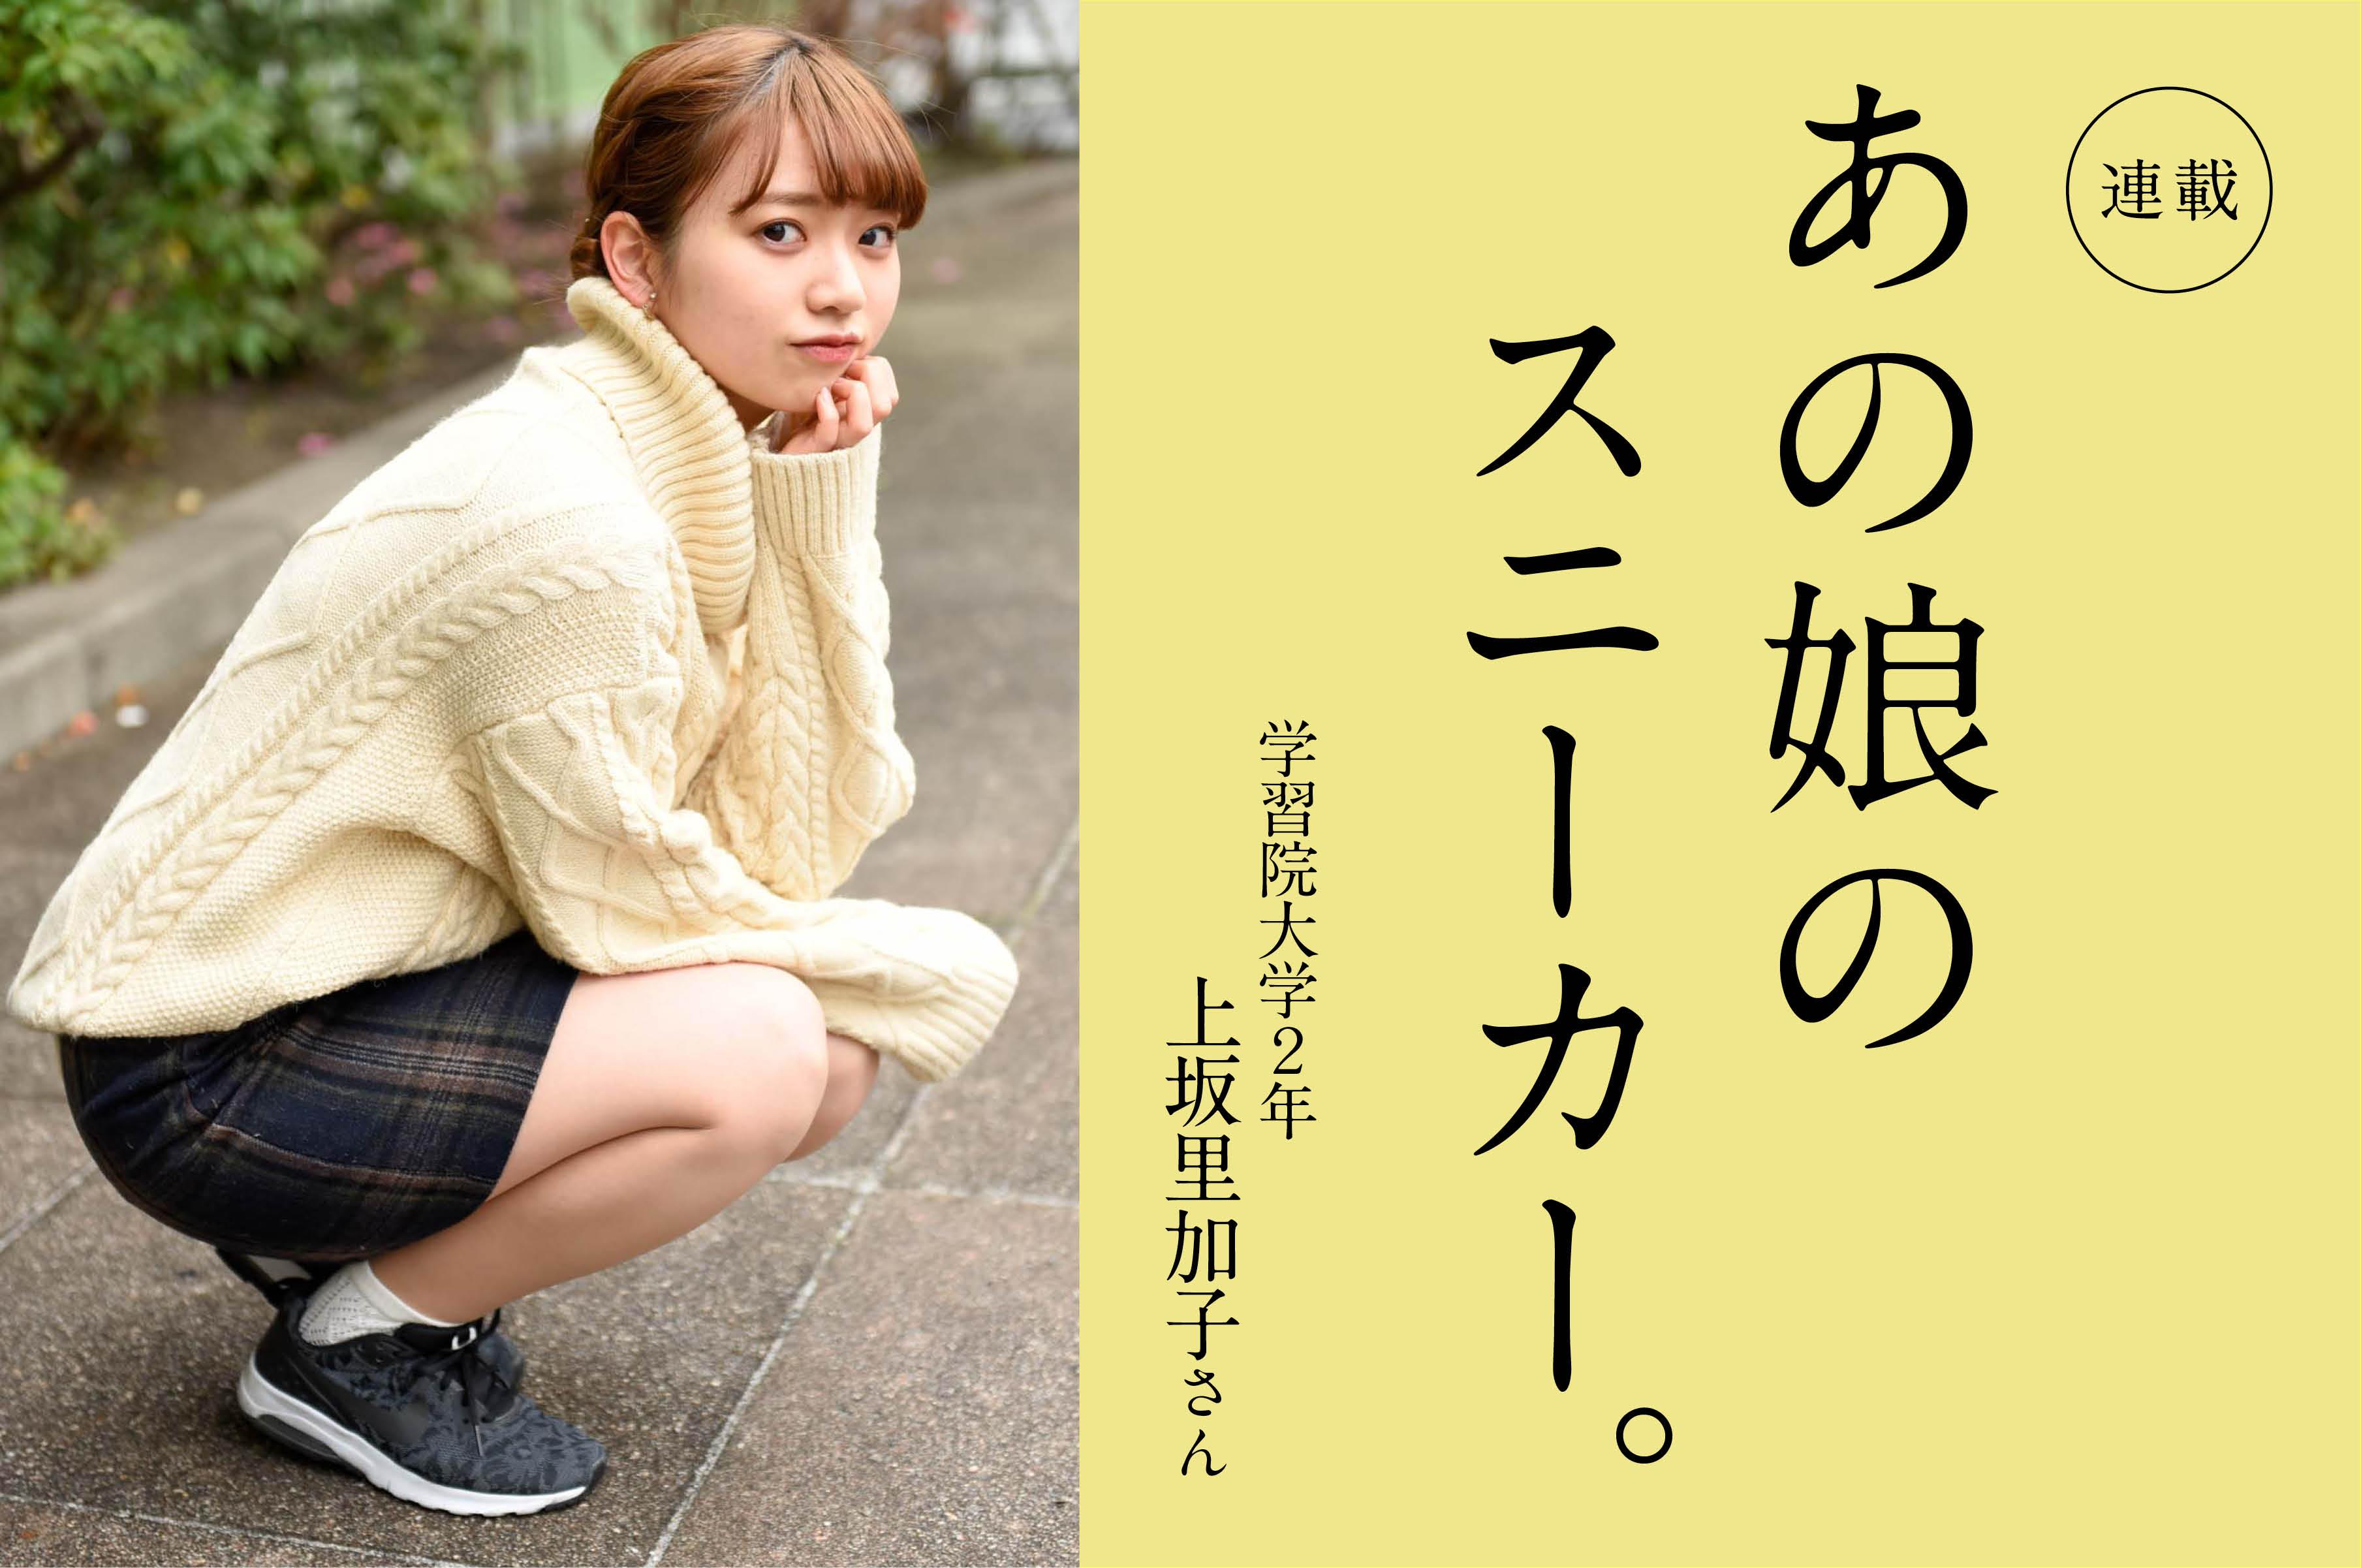 あの娘のスニーカー。 31人目学習院大学2年 上坂里加子さん